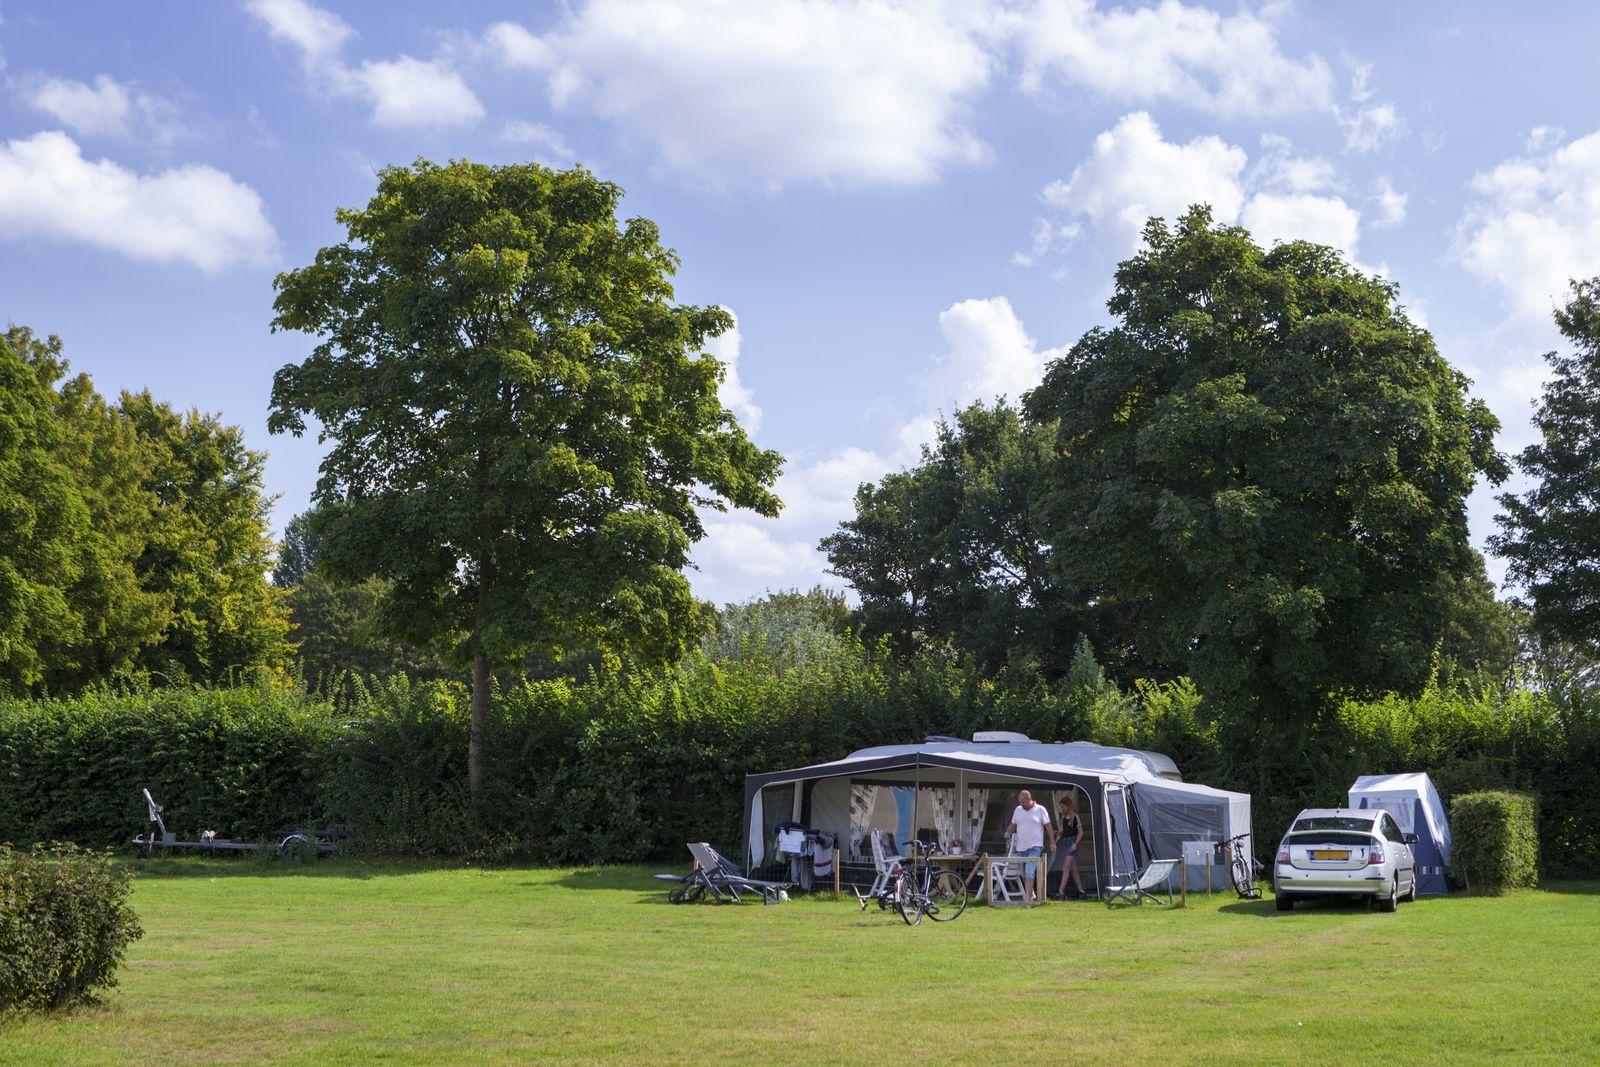 Campingplatz 10 Ampere mit privaten Sanitäranlagen